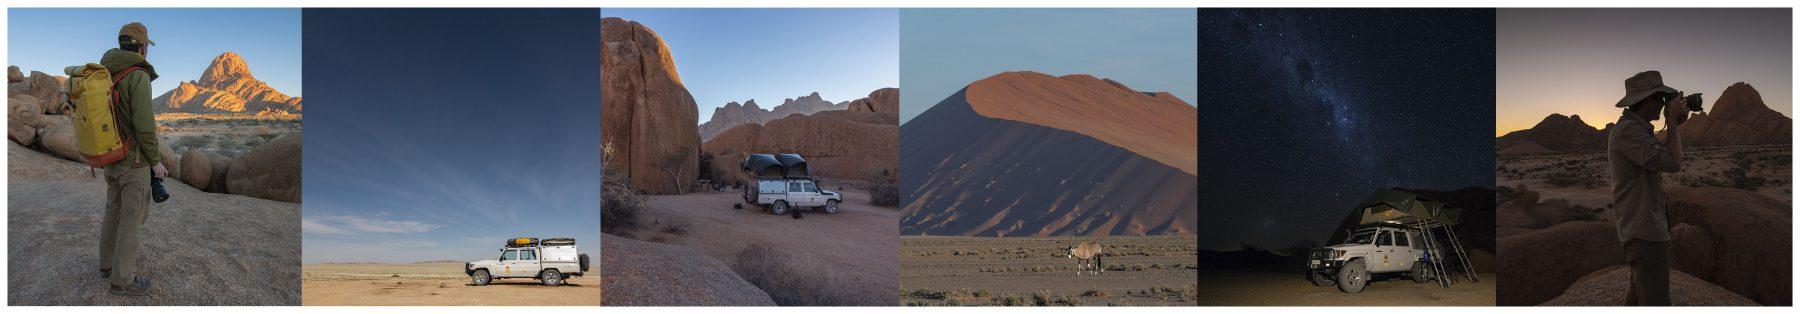 Namibia photos